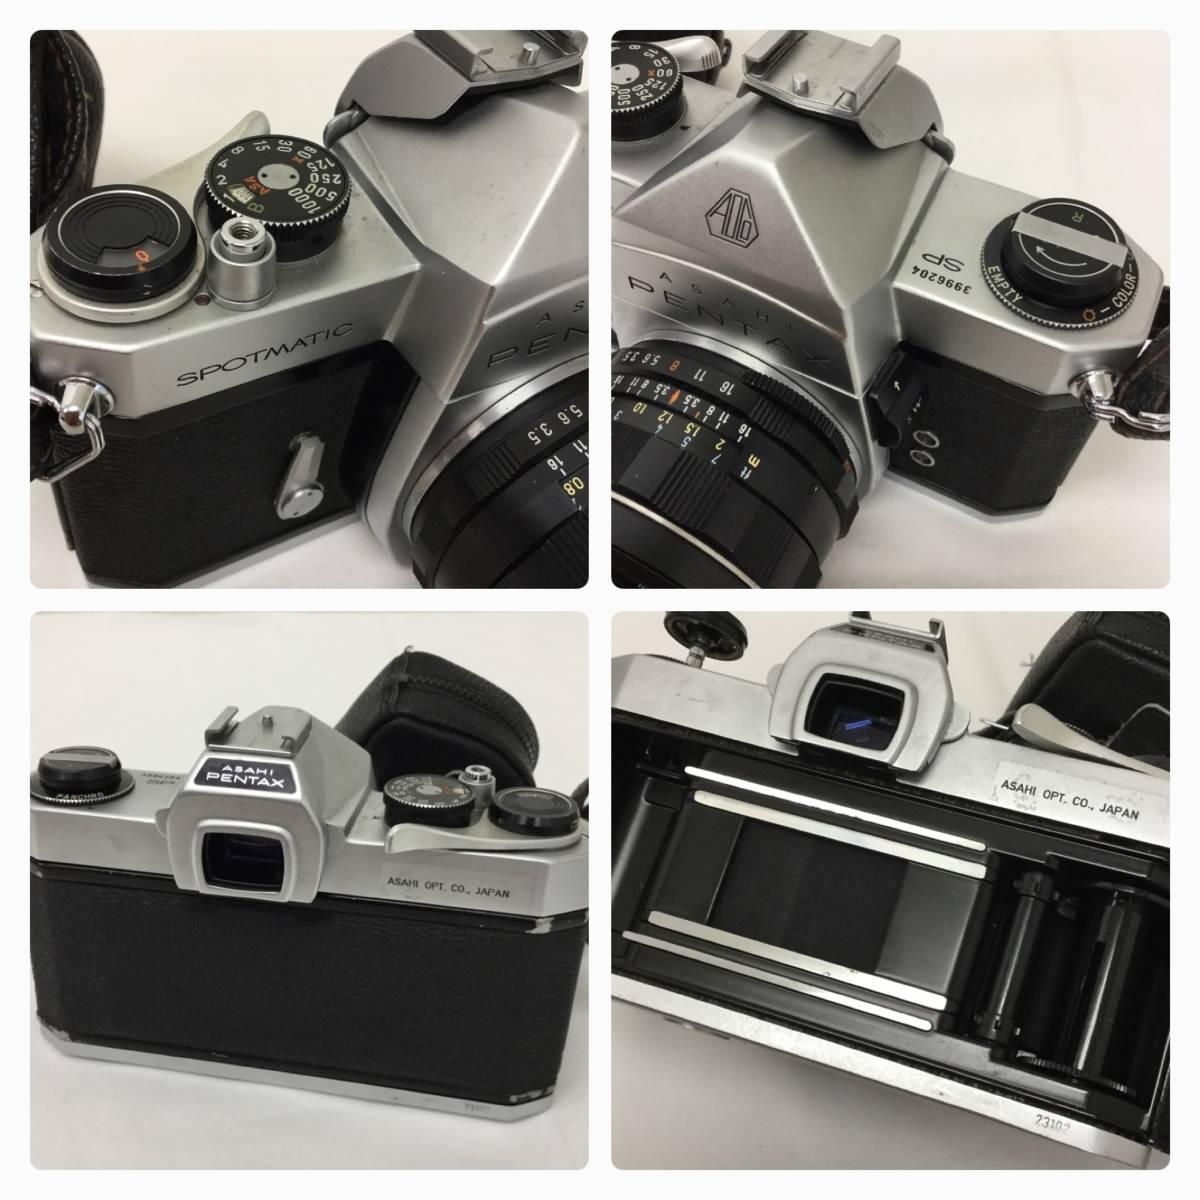 PENTAX ペンタックス ASAHI SPOTMATIC SP フィルム カメラ Coated TAKUMAR 1:3.5/35 レンズ _画像4